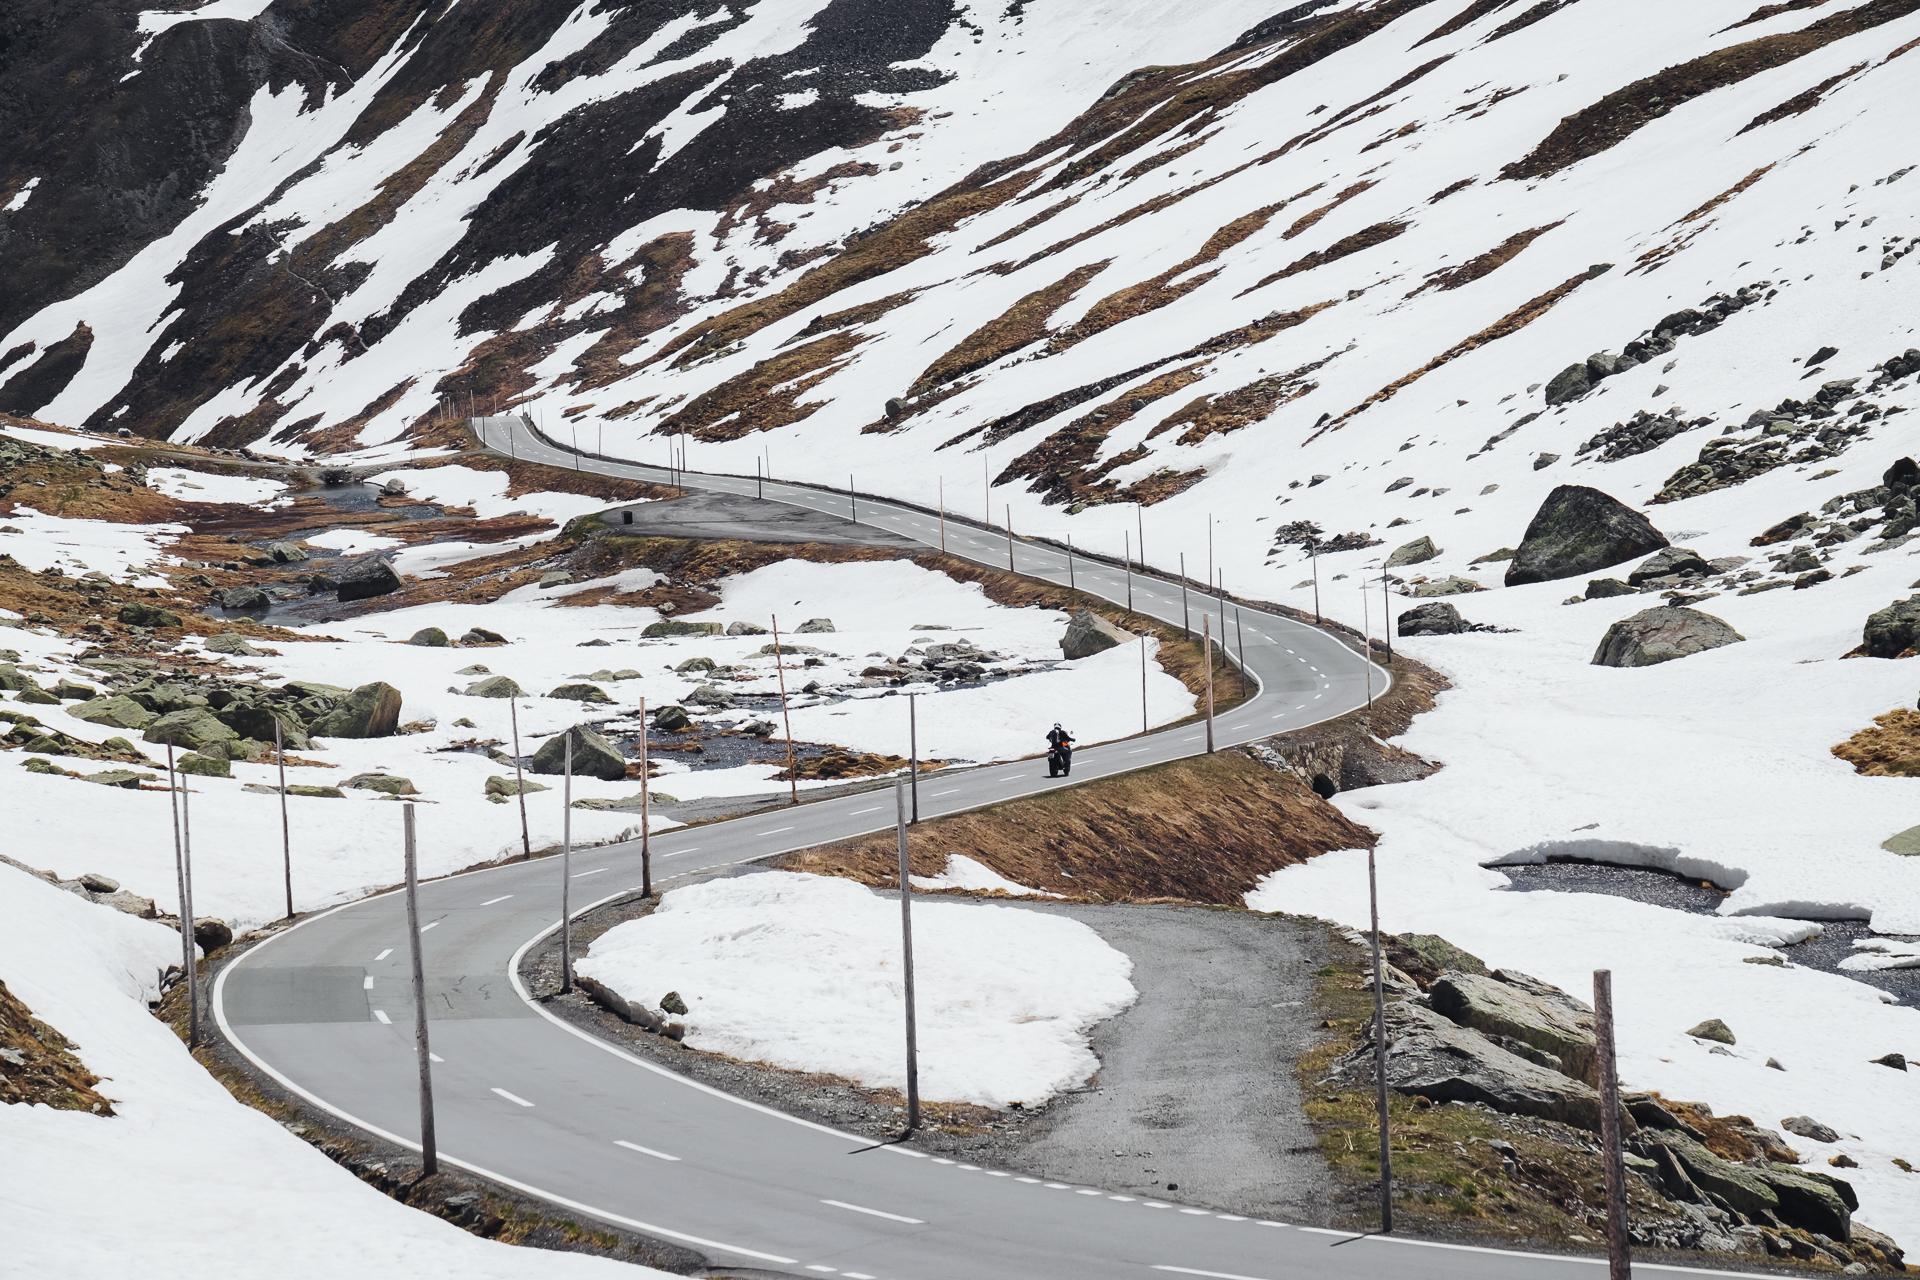 Flüela Pass, Davos, Klosters, Graubunden, Switzerland